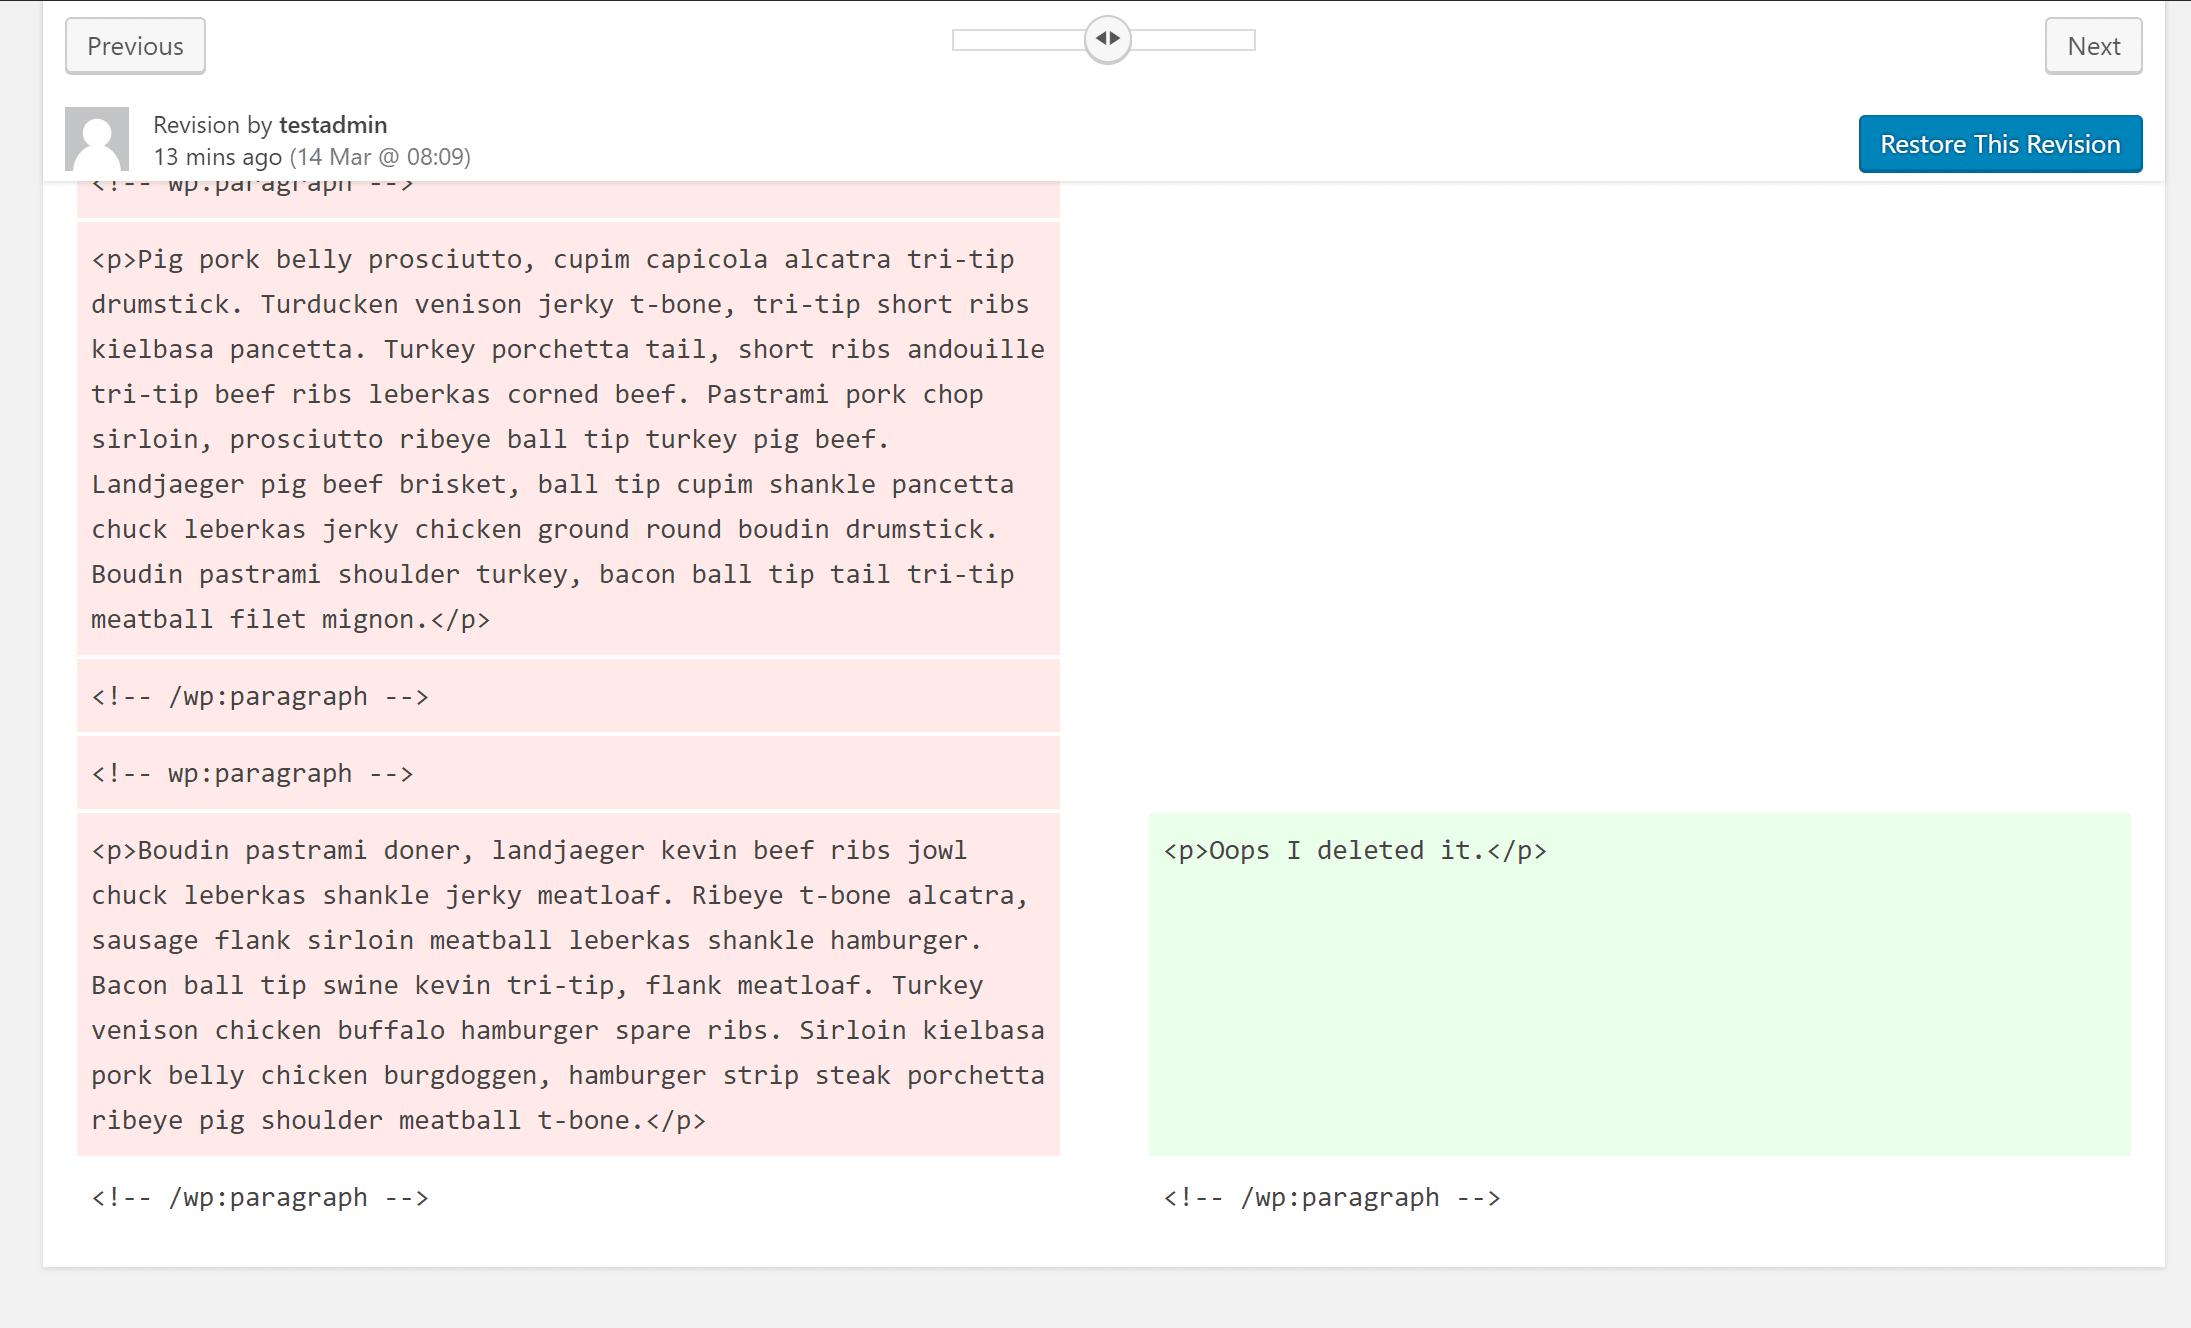 I colori aiutano a vedere cosa è stato aggiunto o eliminato tra una revisione e l'altra